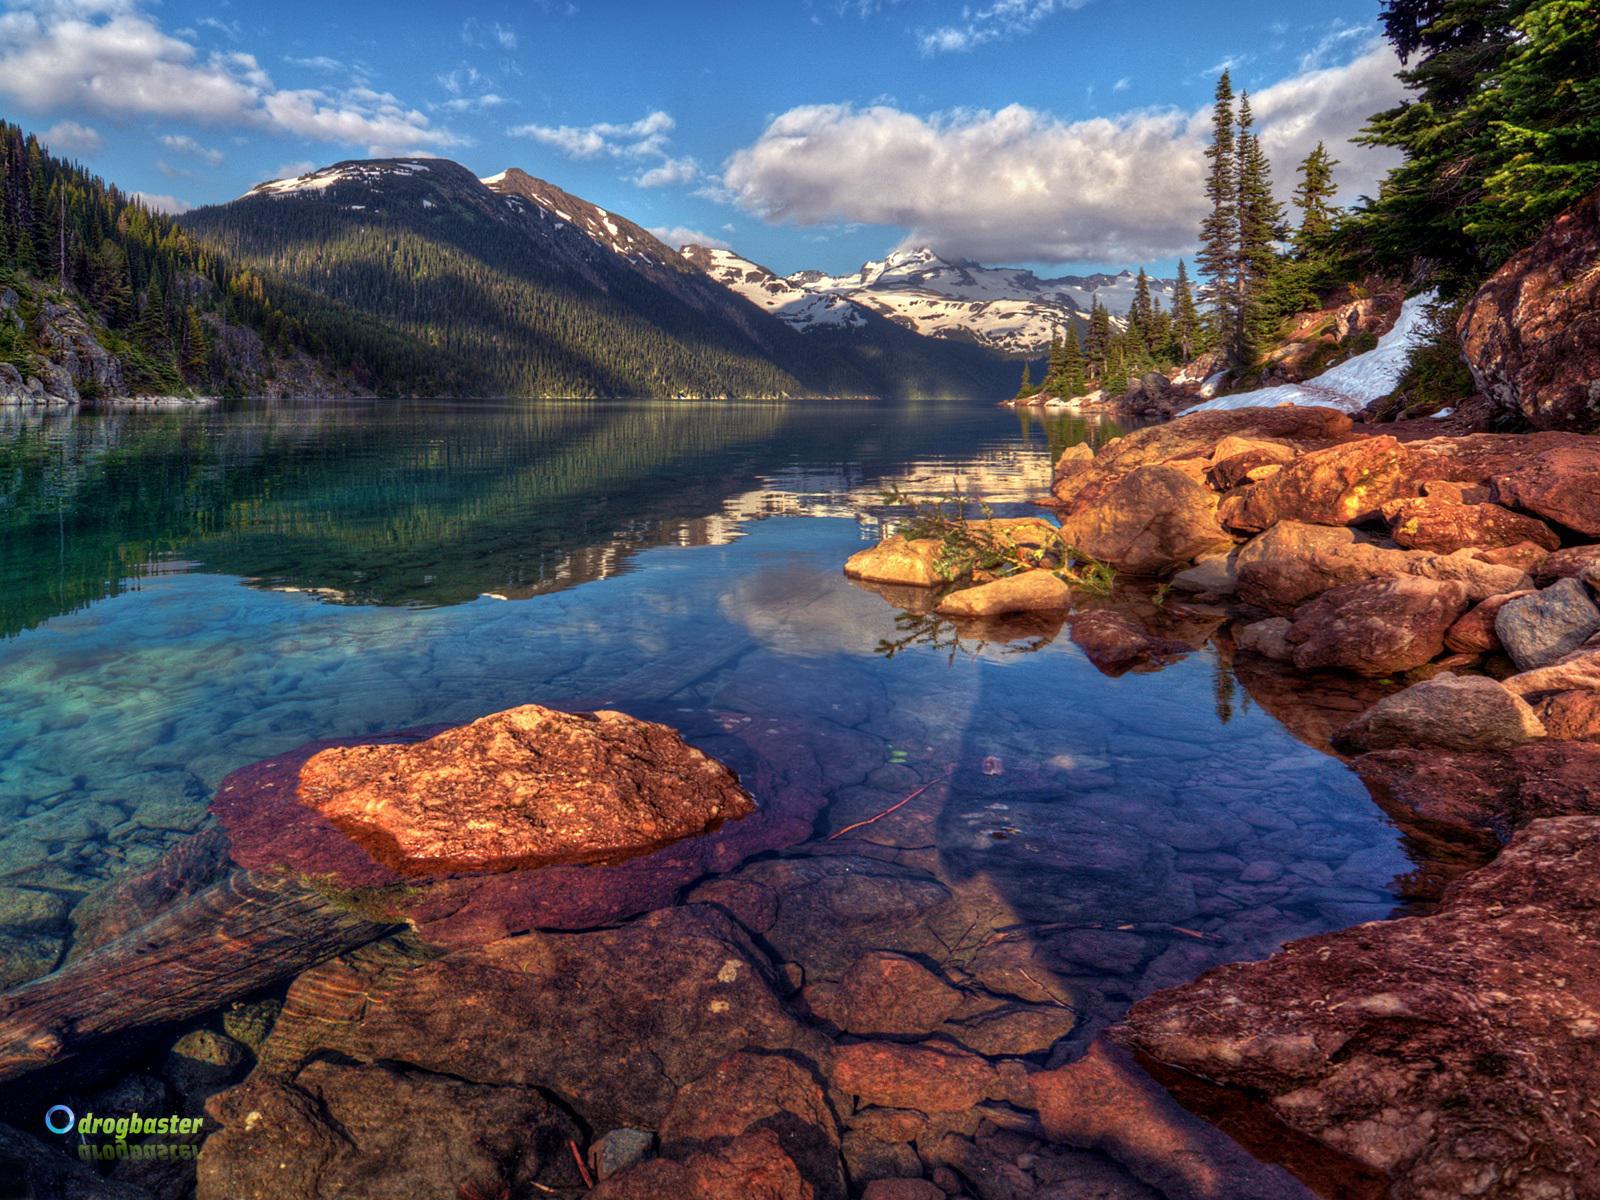 Paesaggi parchi e panorami delle natura for Sfondi hd natura